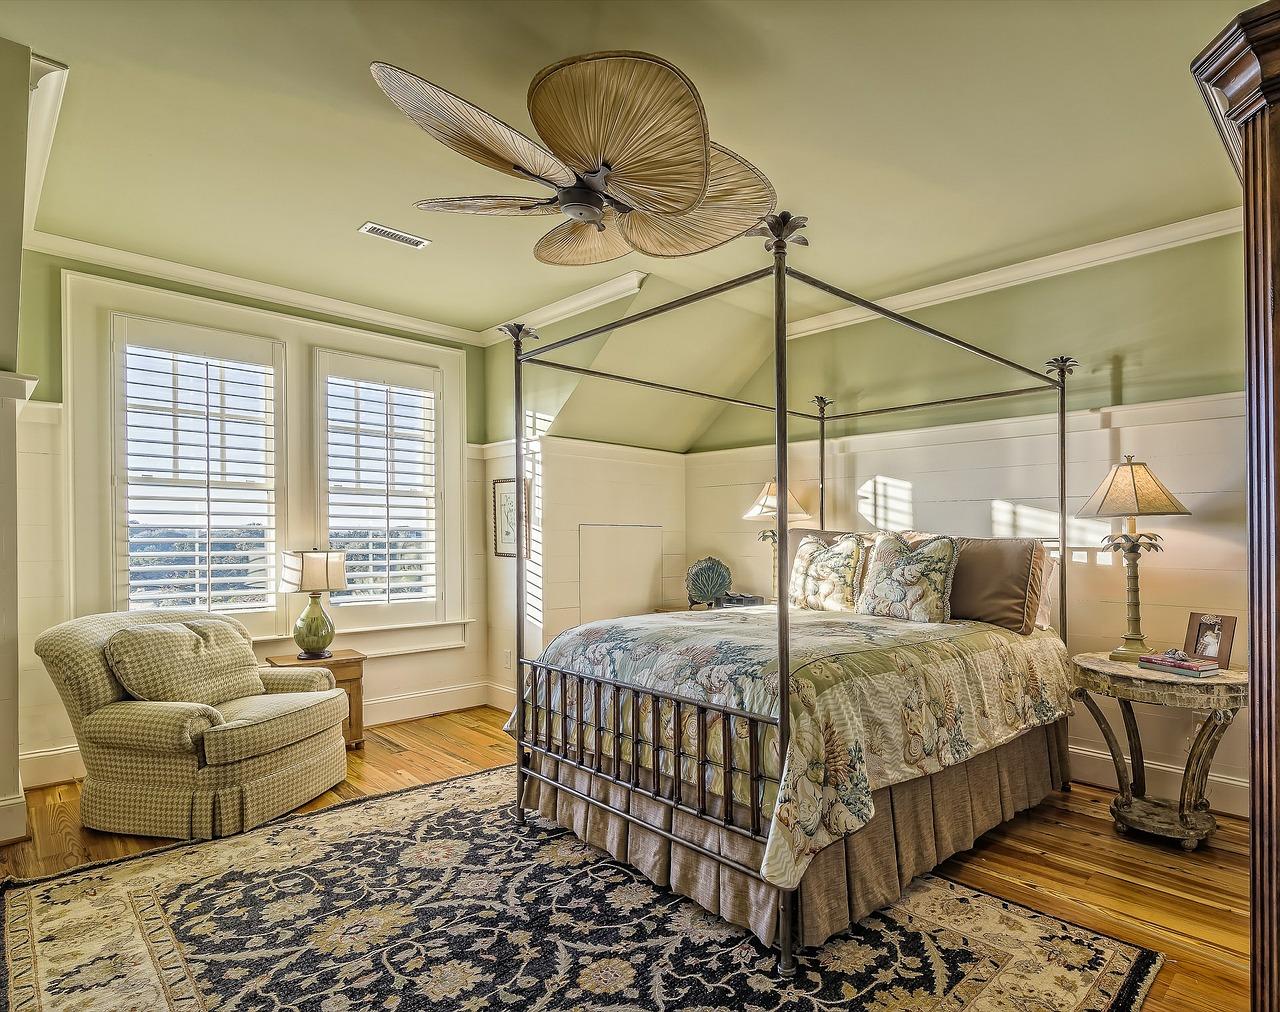 Bedroom Design - Top Tips For A Restful Room